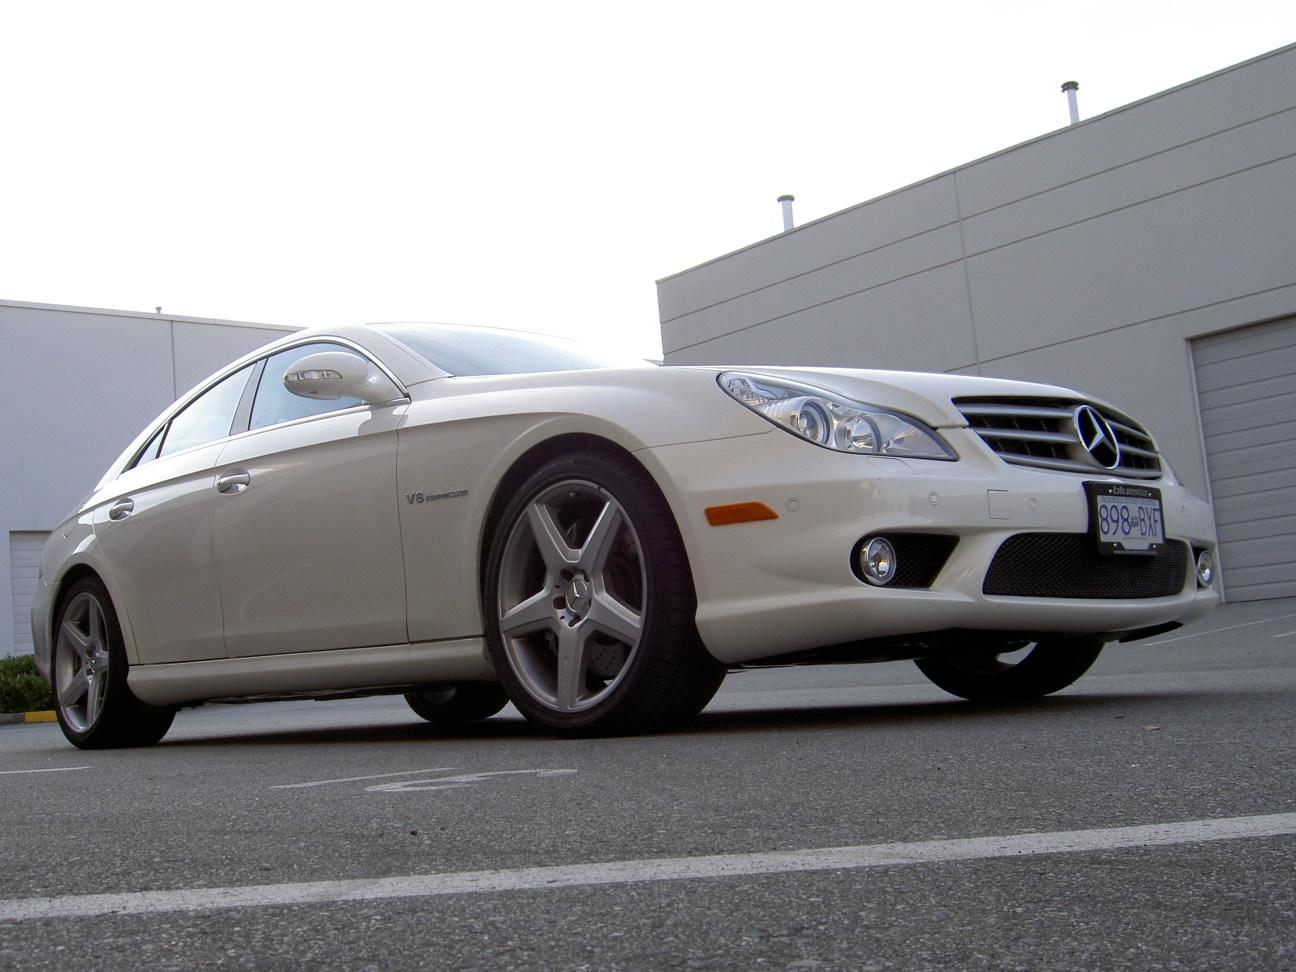 Cars world mercedes benz cls class for 2011 mercedes benz cls class